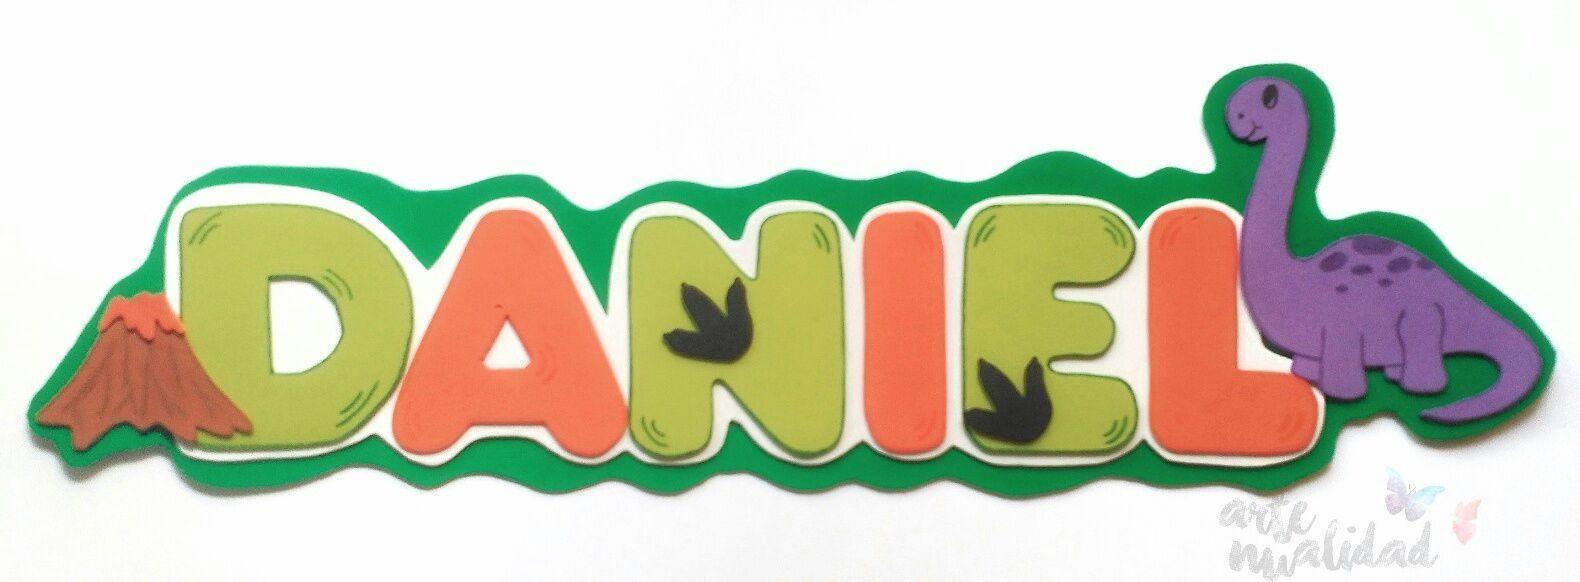 Nombre de la selva.